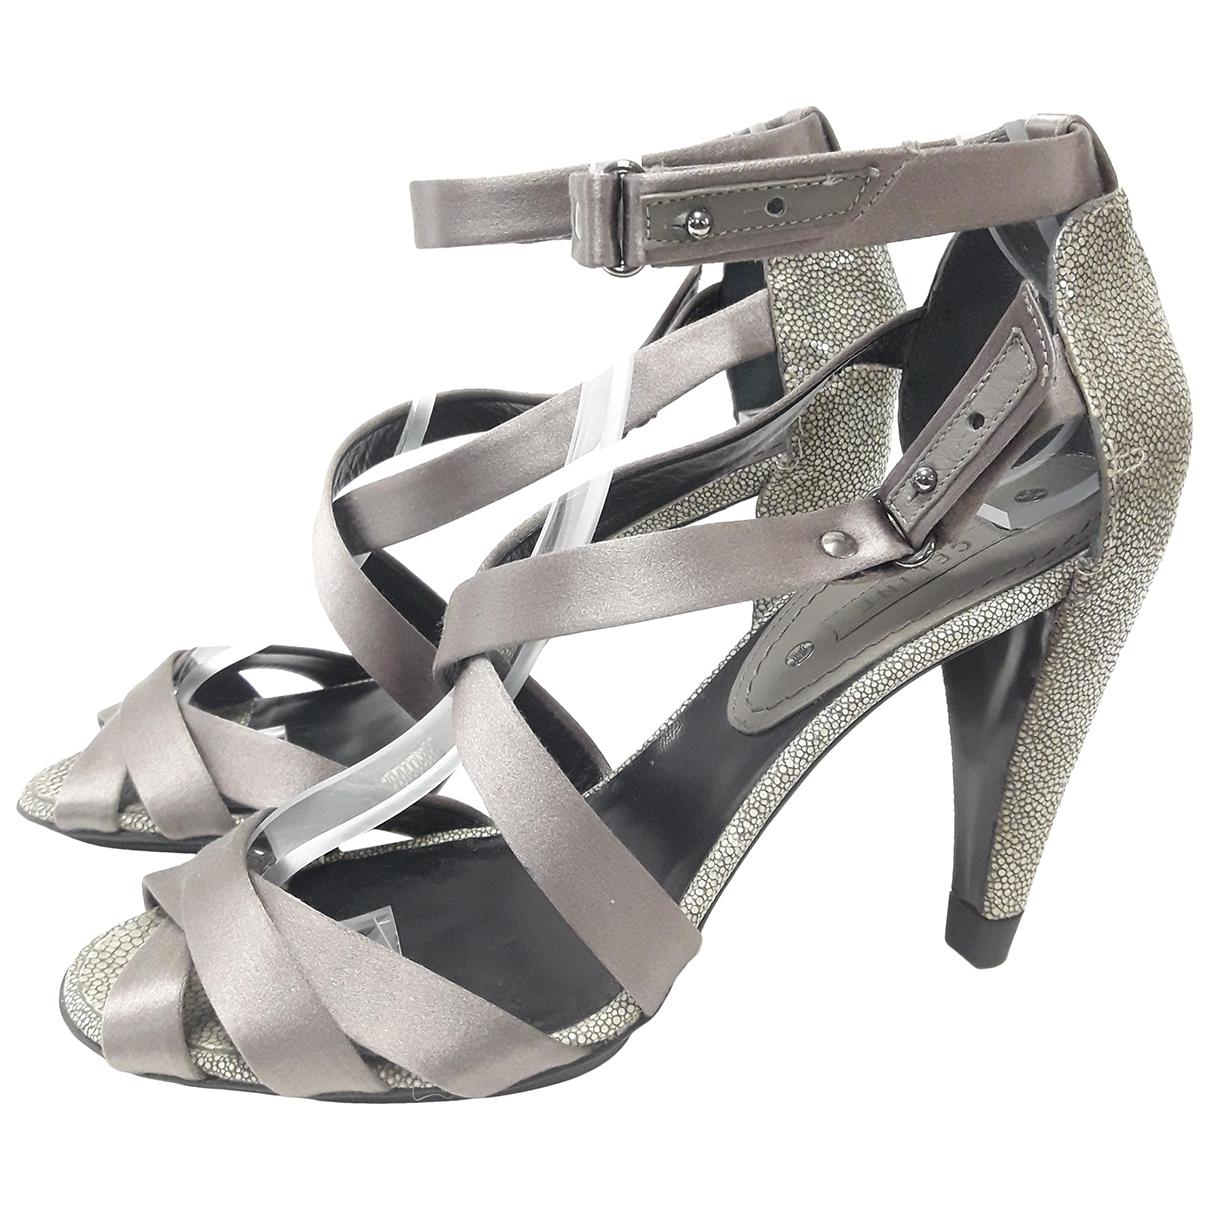 Celine - Sandales   pour femme en galuchat - gris